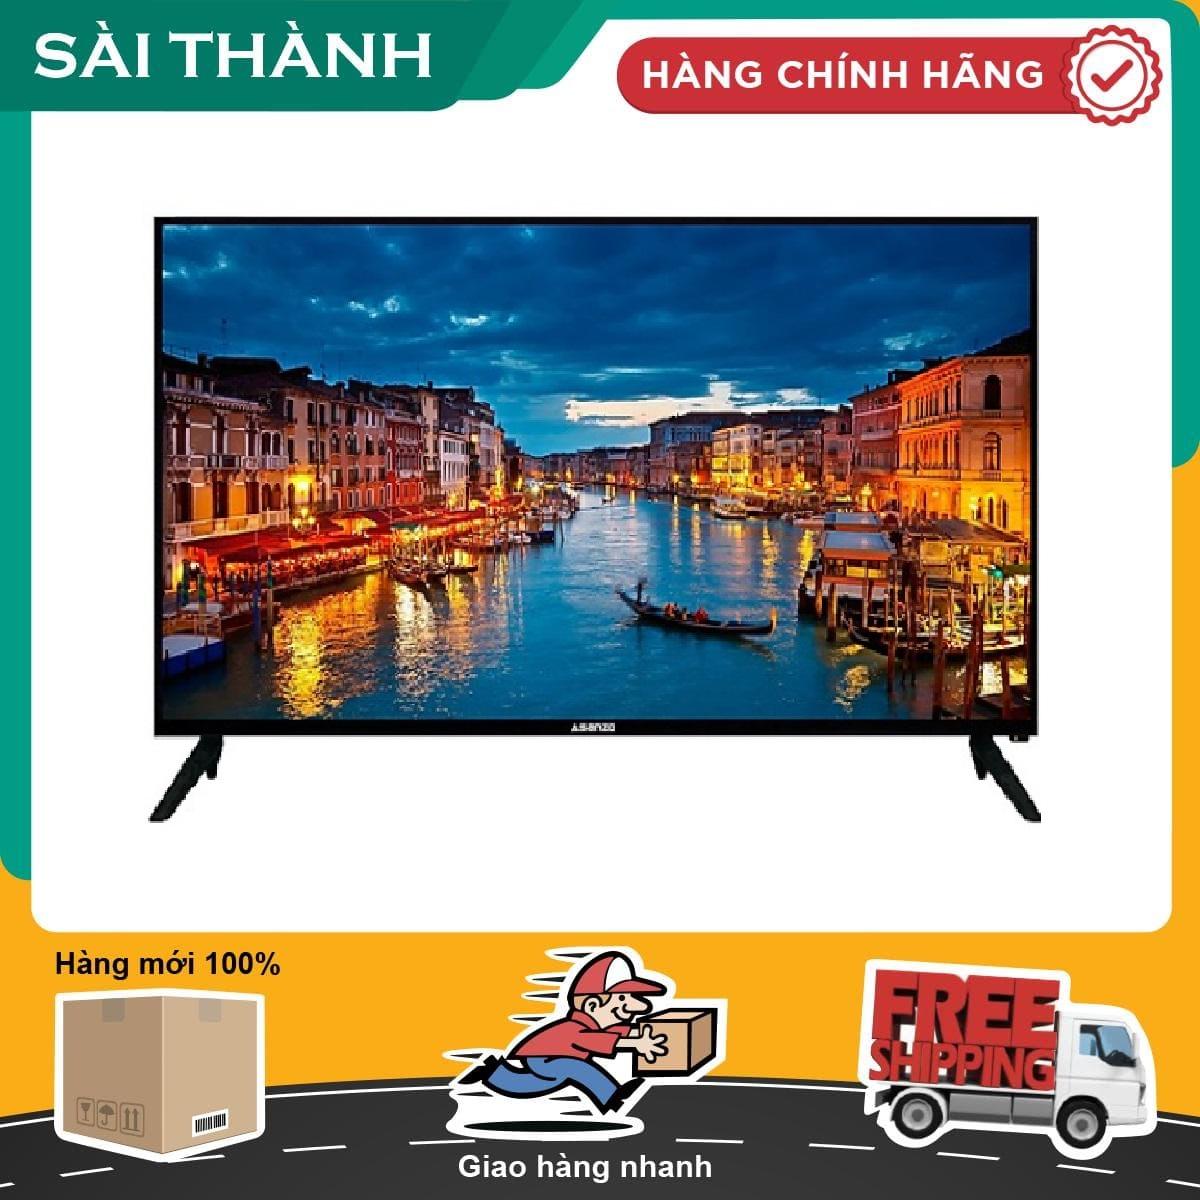 Bảng giá Tivi LED Asanzo 32 inch 32H21 - Bảo hành 2 năm - Miễn phí vận chuyển